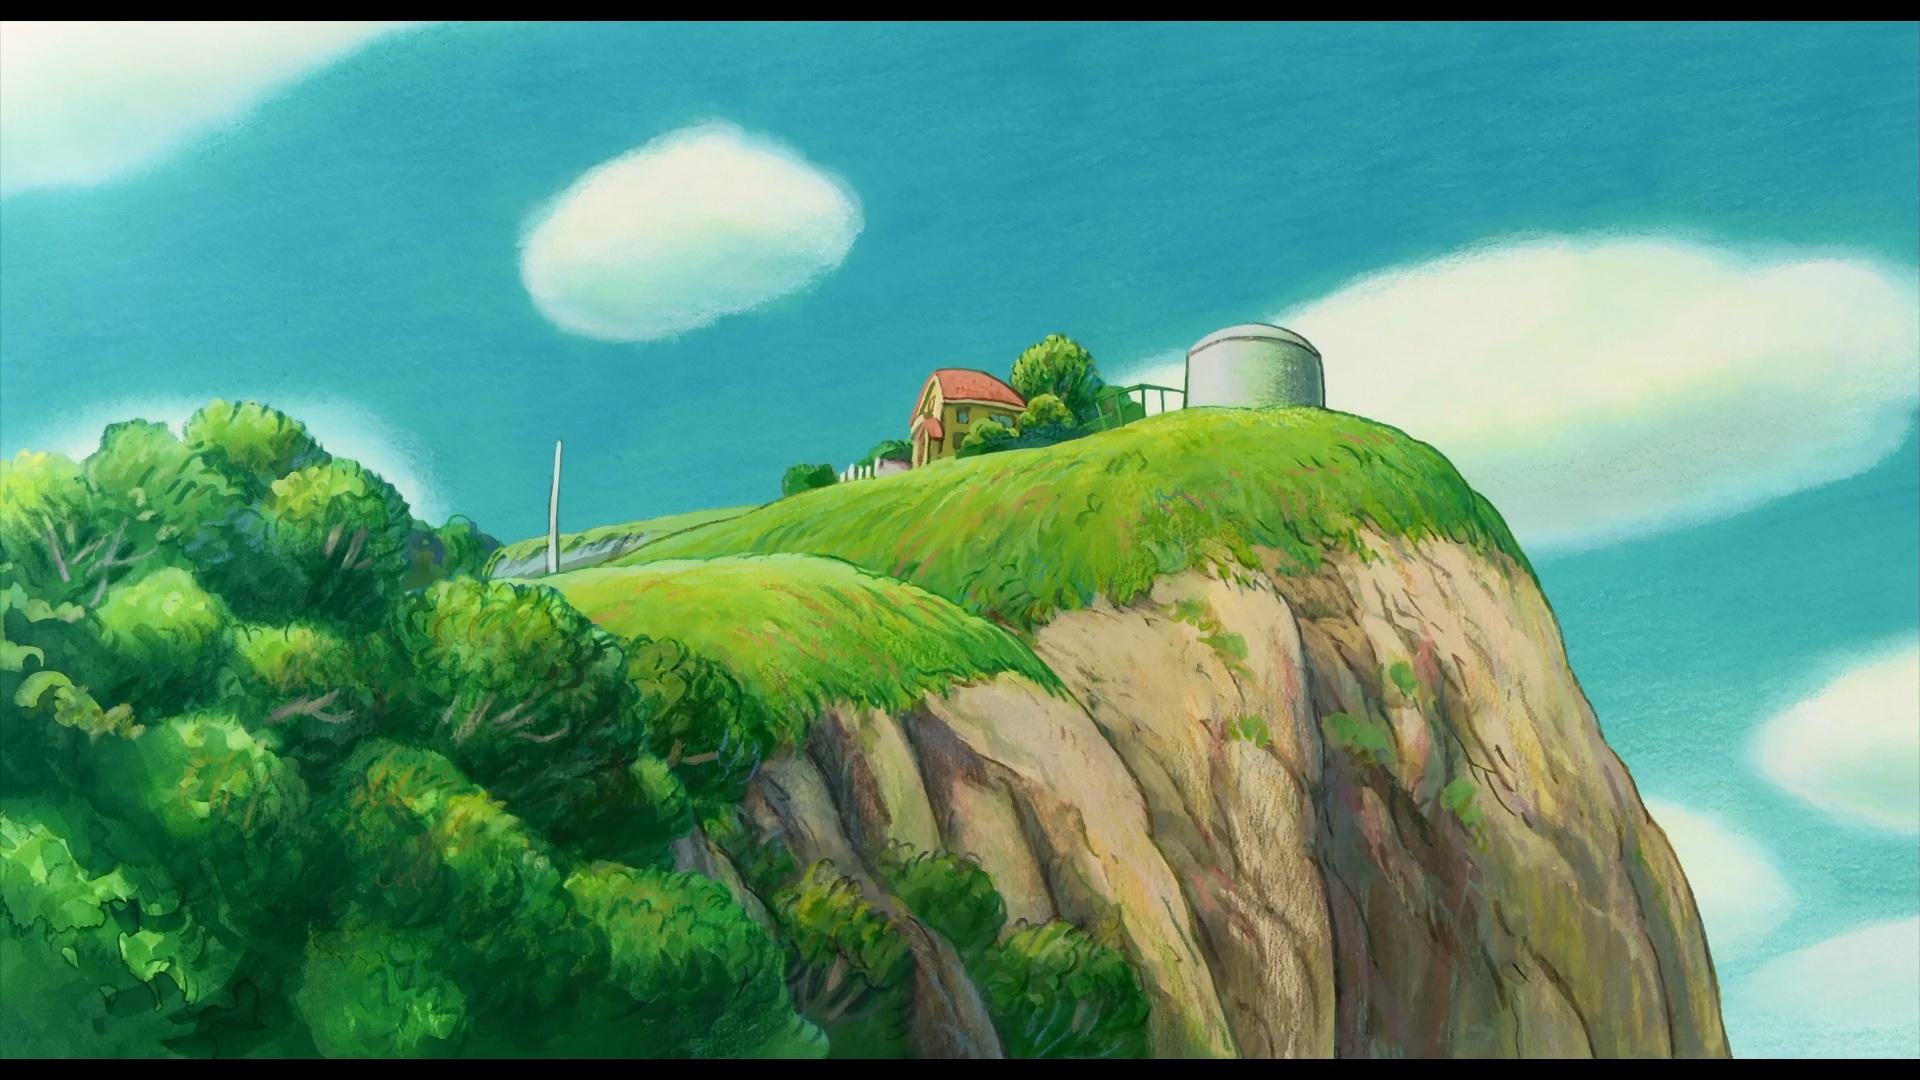 Anime Wallpaper Hd 1680x1050 悬崖上的金鱼姬 高清壁纸 桌面背景 1920x1080 Id 690691 Wallpaper Abyss